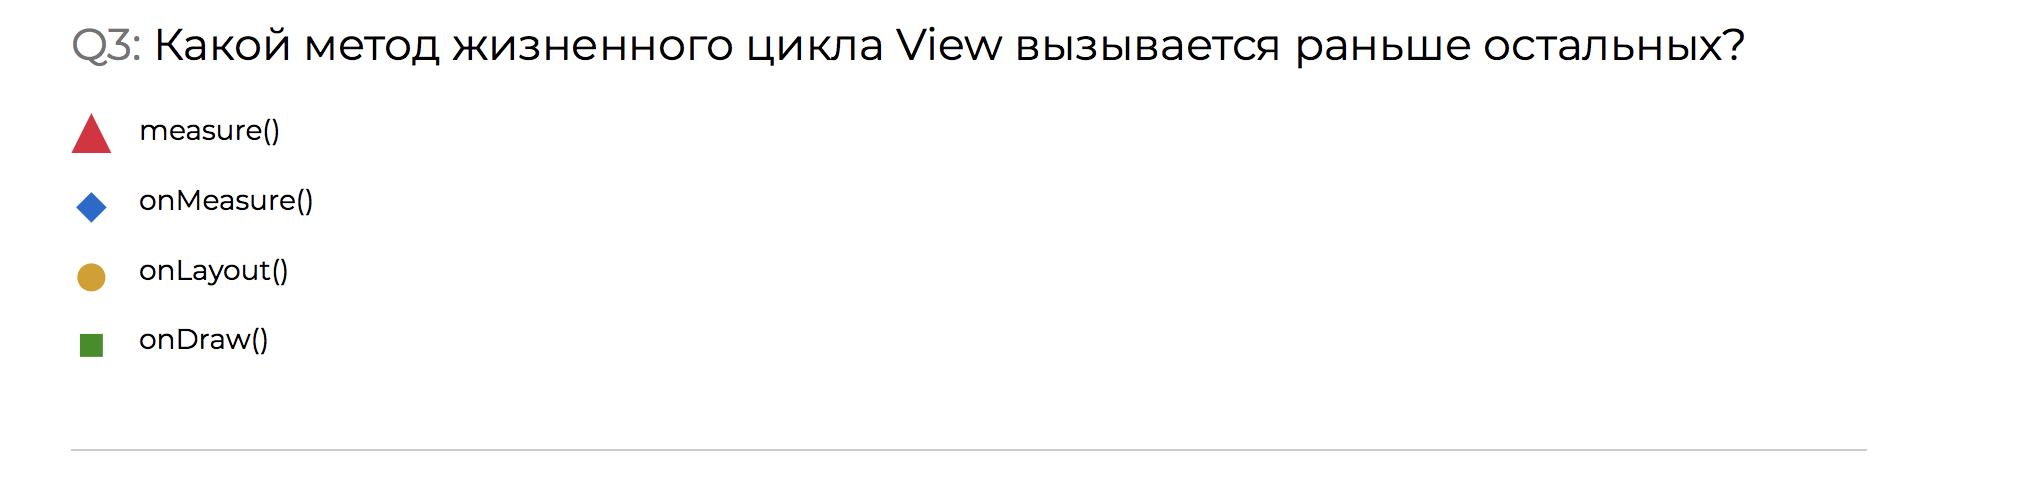 Разбор конкурса-квиза по Android со стенда HeadHunter на Mobius 2018 Moscow - 6